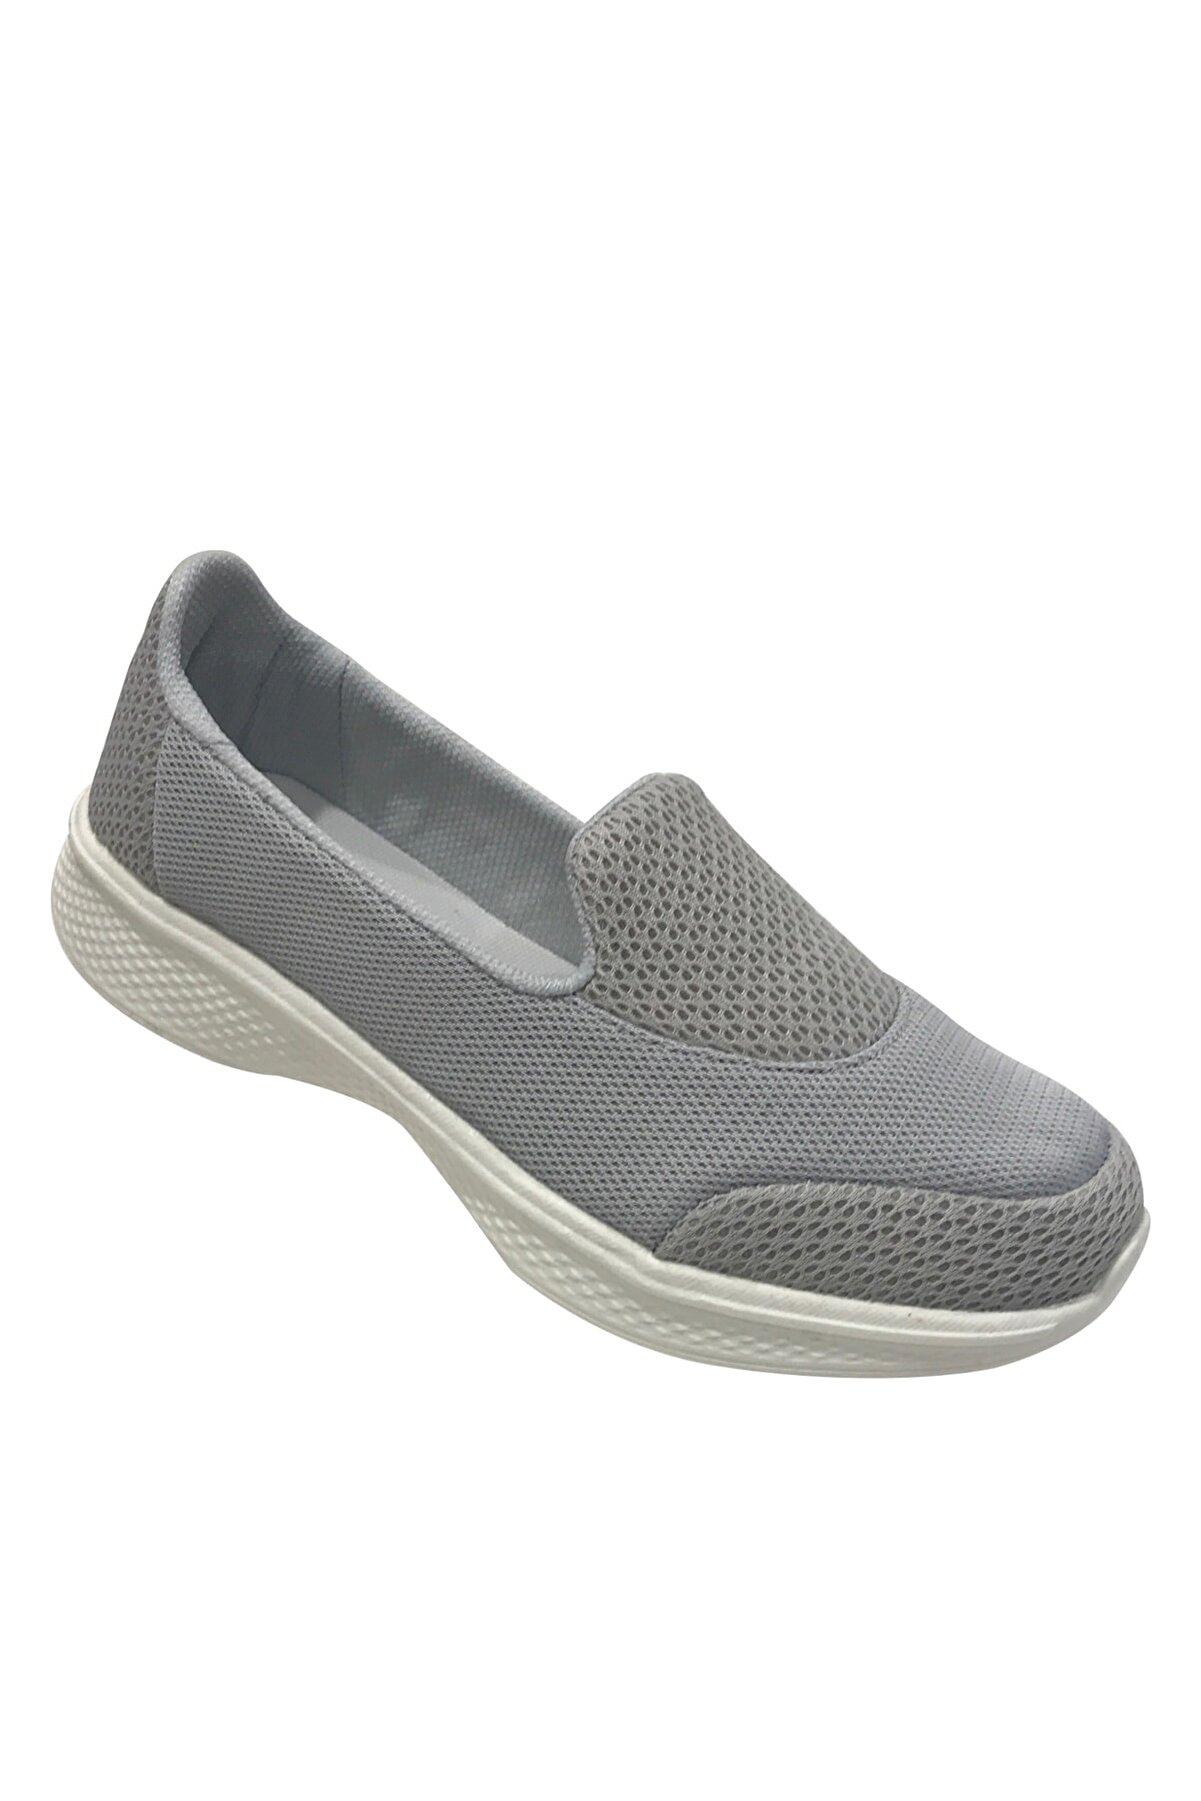 Genesis GRİ Unisex Yürüyüş Ayakkabısı G1971ZN03